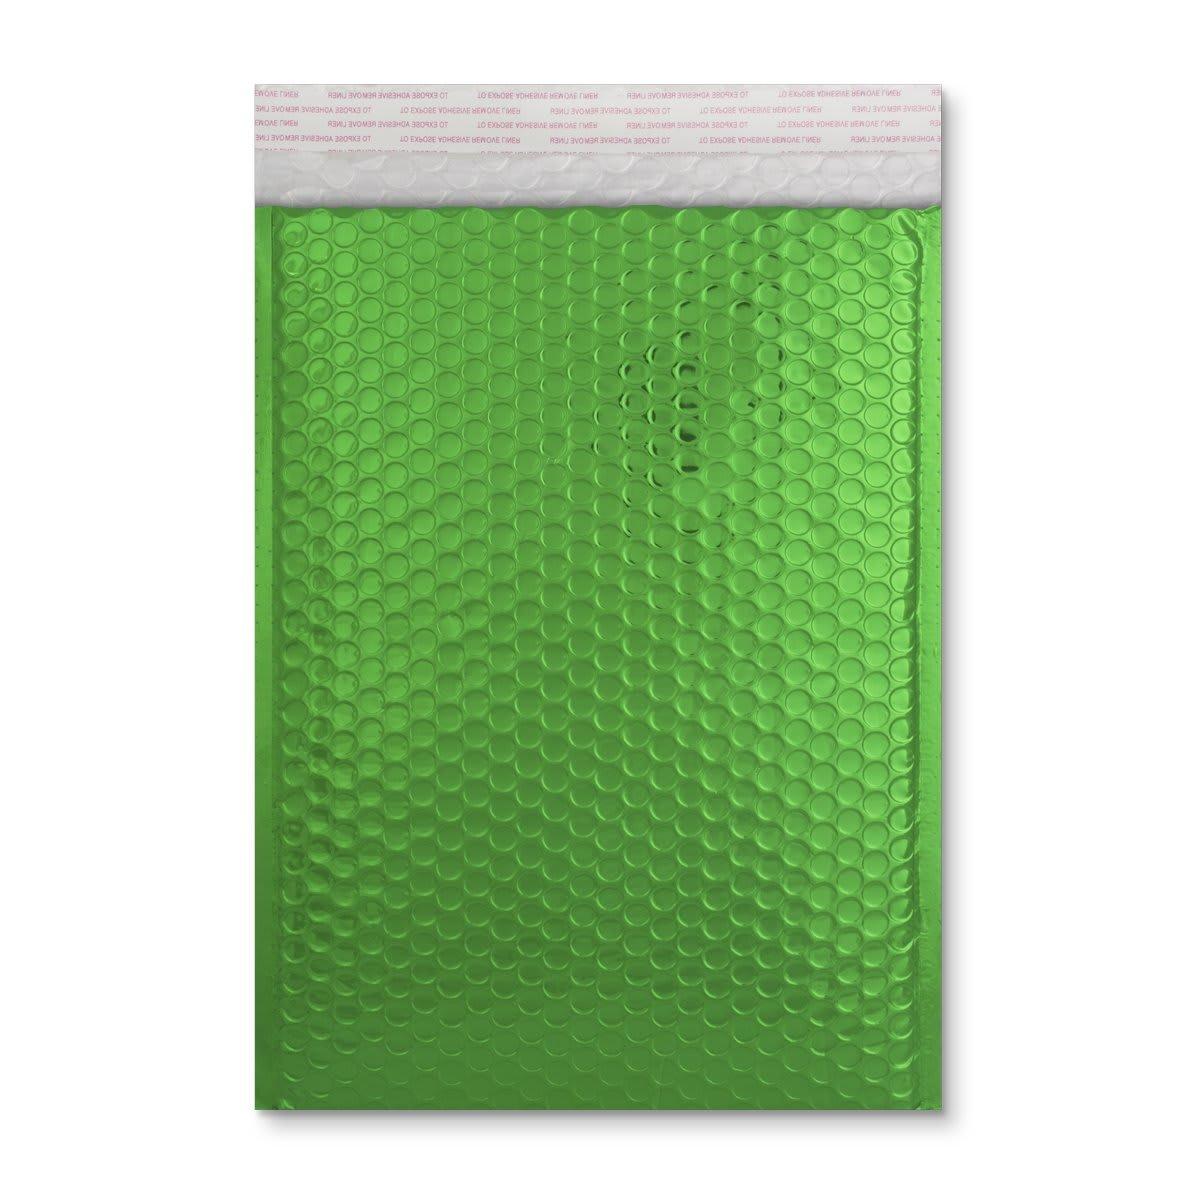 C4 GLOSS METALLIC GREEN PADDED ENVELOPES (324 x 230MM)